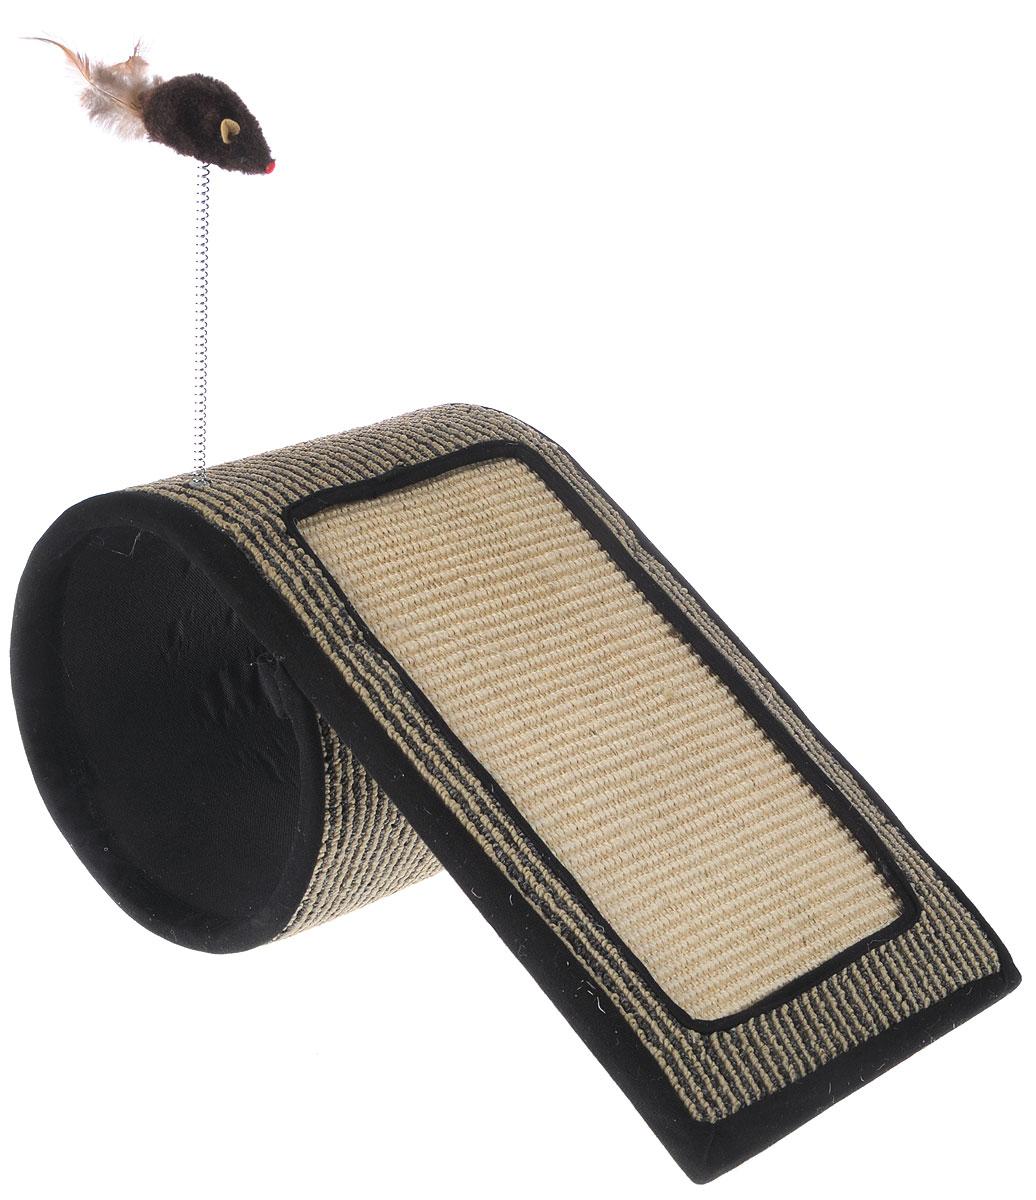 Когтеточка-туннель Triol, с игрушкой, 50 х 26 х 23WD2003Когтеточка-туннель Triol станет любимым местом для вашего питомца. Мышка на пружине привлечет дополнительное внимание к когтеточке. Изделие выполнено из ДСП, текстиля, ковролина и сизаля. Структура материала когтеточки позволяет кошачьим лапкам проникать внутрь и извлекаться с высоким трением, так что ороговевшие частички когтя остаются внутри волокон. По своей природе сизаль обладает уникальным антистатическим свойством, следовательно, когтеточка не накапливает пыль, что является дополнительным привлекательным качеством, поскольку облегчает процесс уборки.